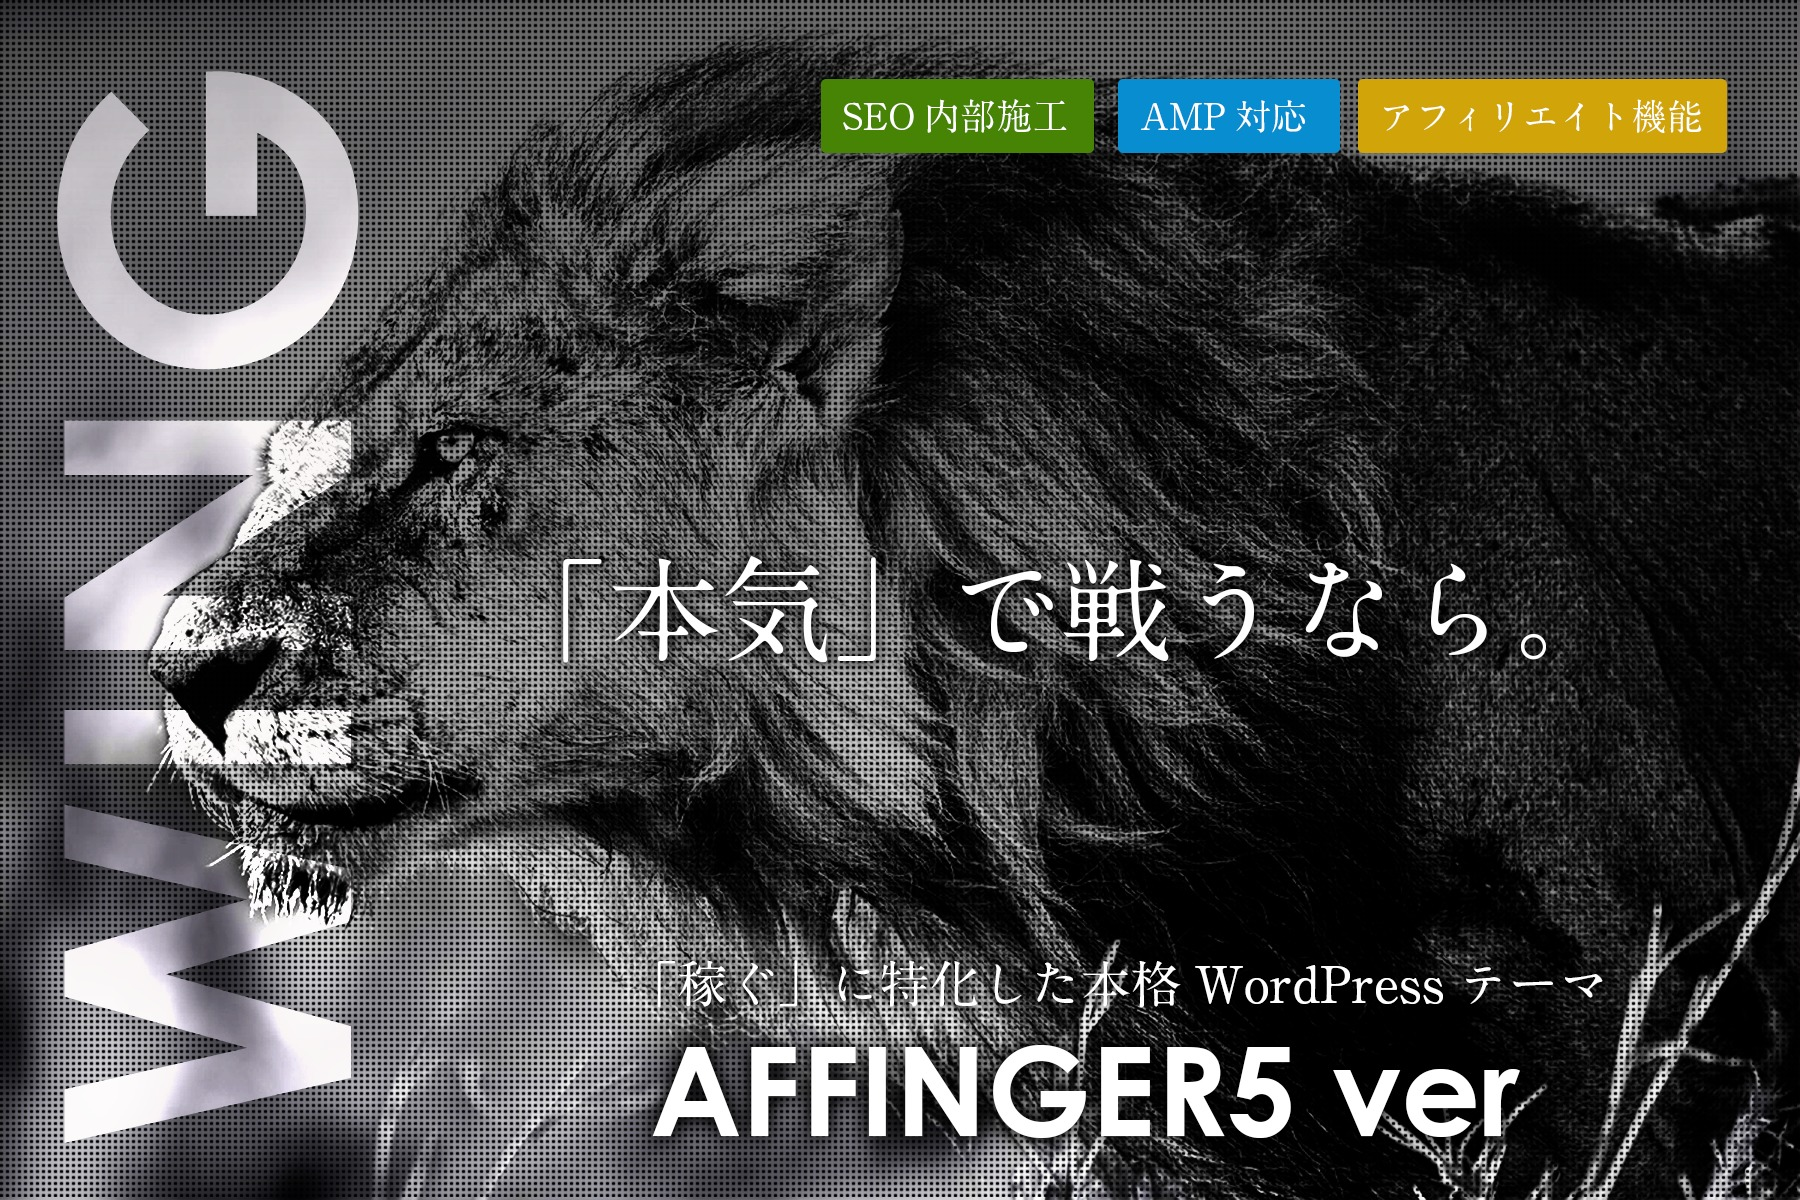 【AFFINGER5】TOPページや記事装飾デザインカスタマイズまとめ【おしゃれ技あり】